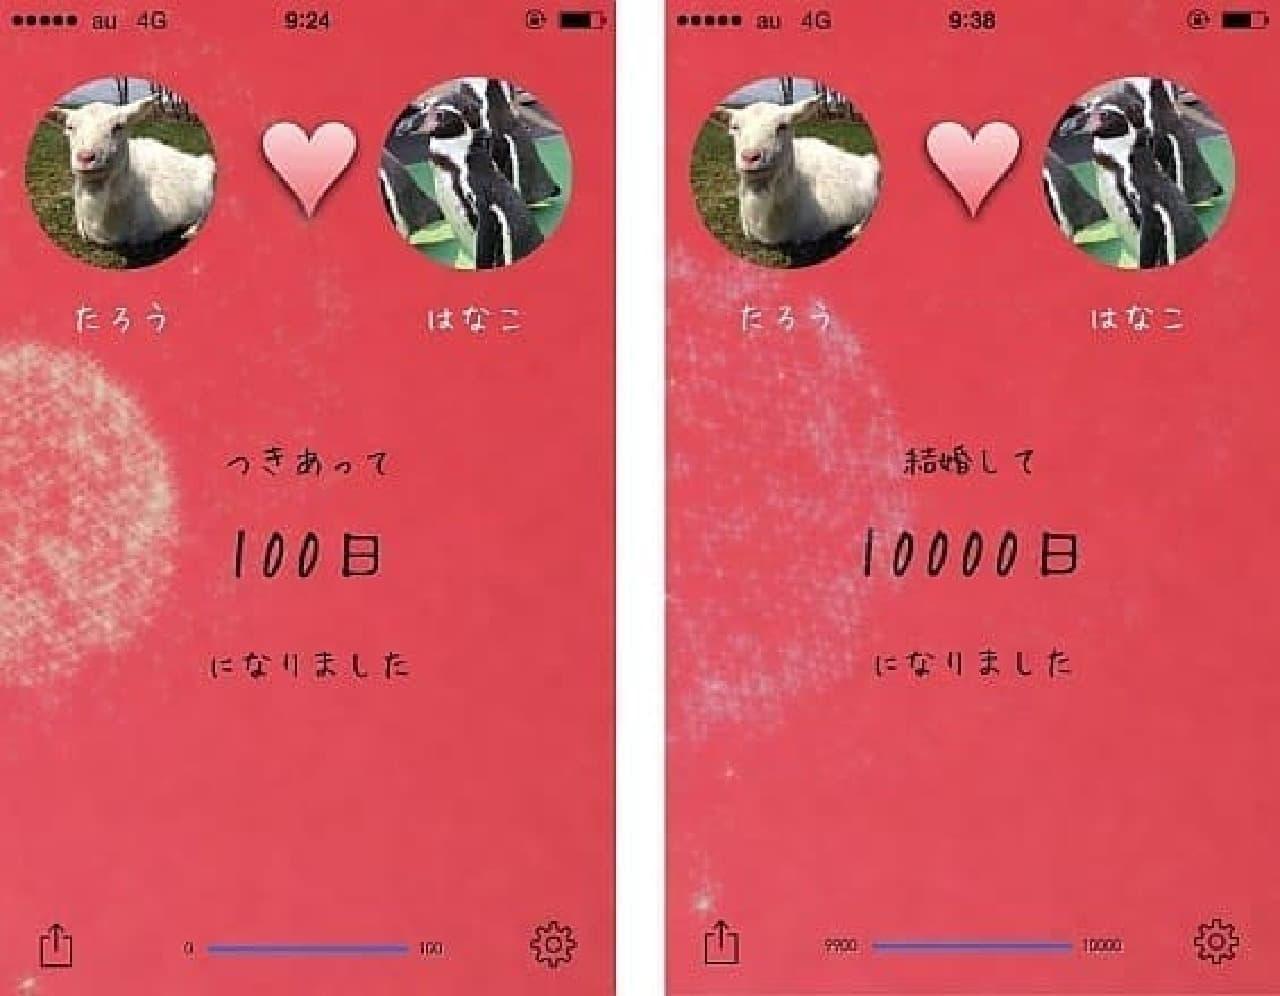 節目の日には花火が上がります  ※画像はiOS版、プロフィールや背景は筆者が設定